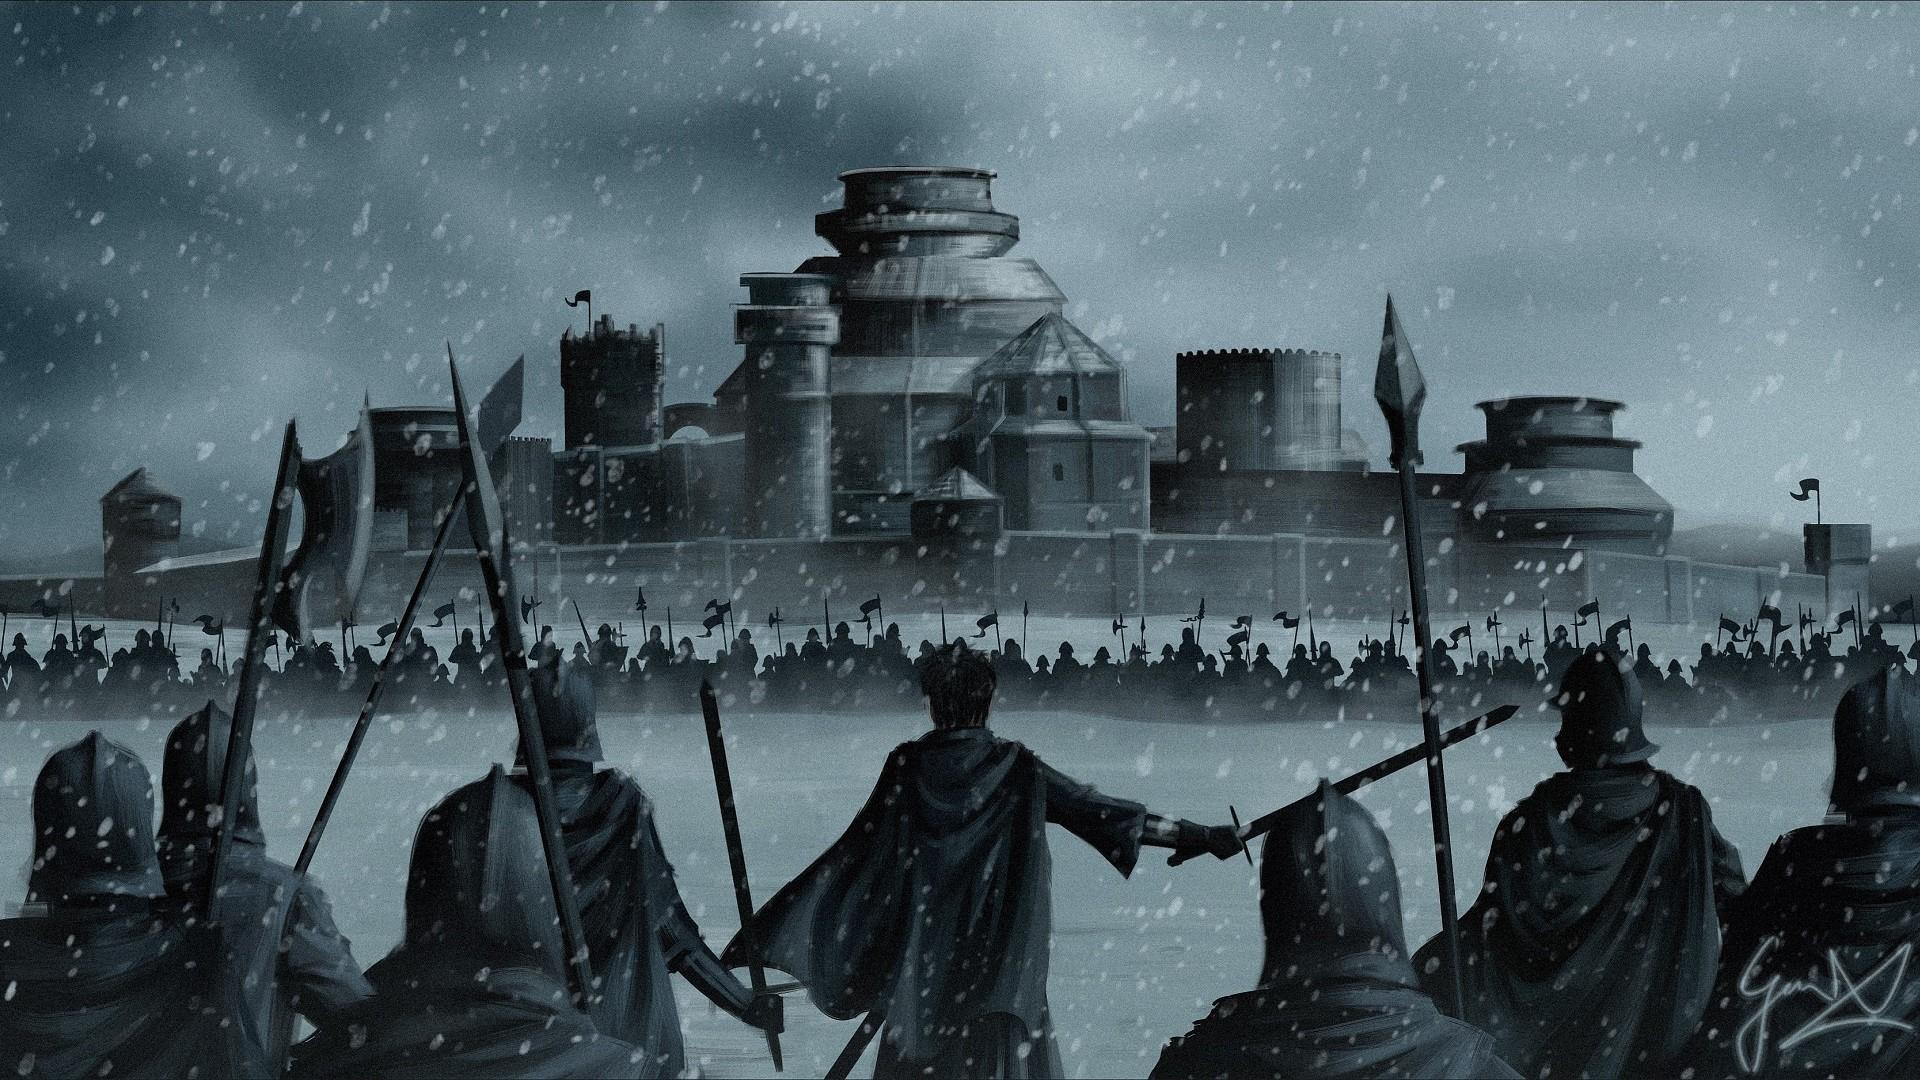 game-of-thrones-winterfell-stannis-baratheon-warriors-1920×1080.